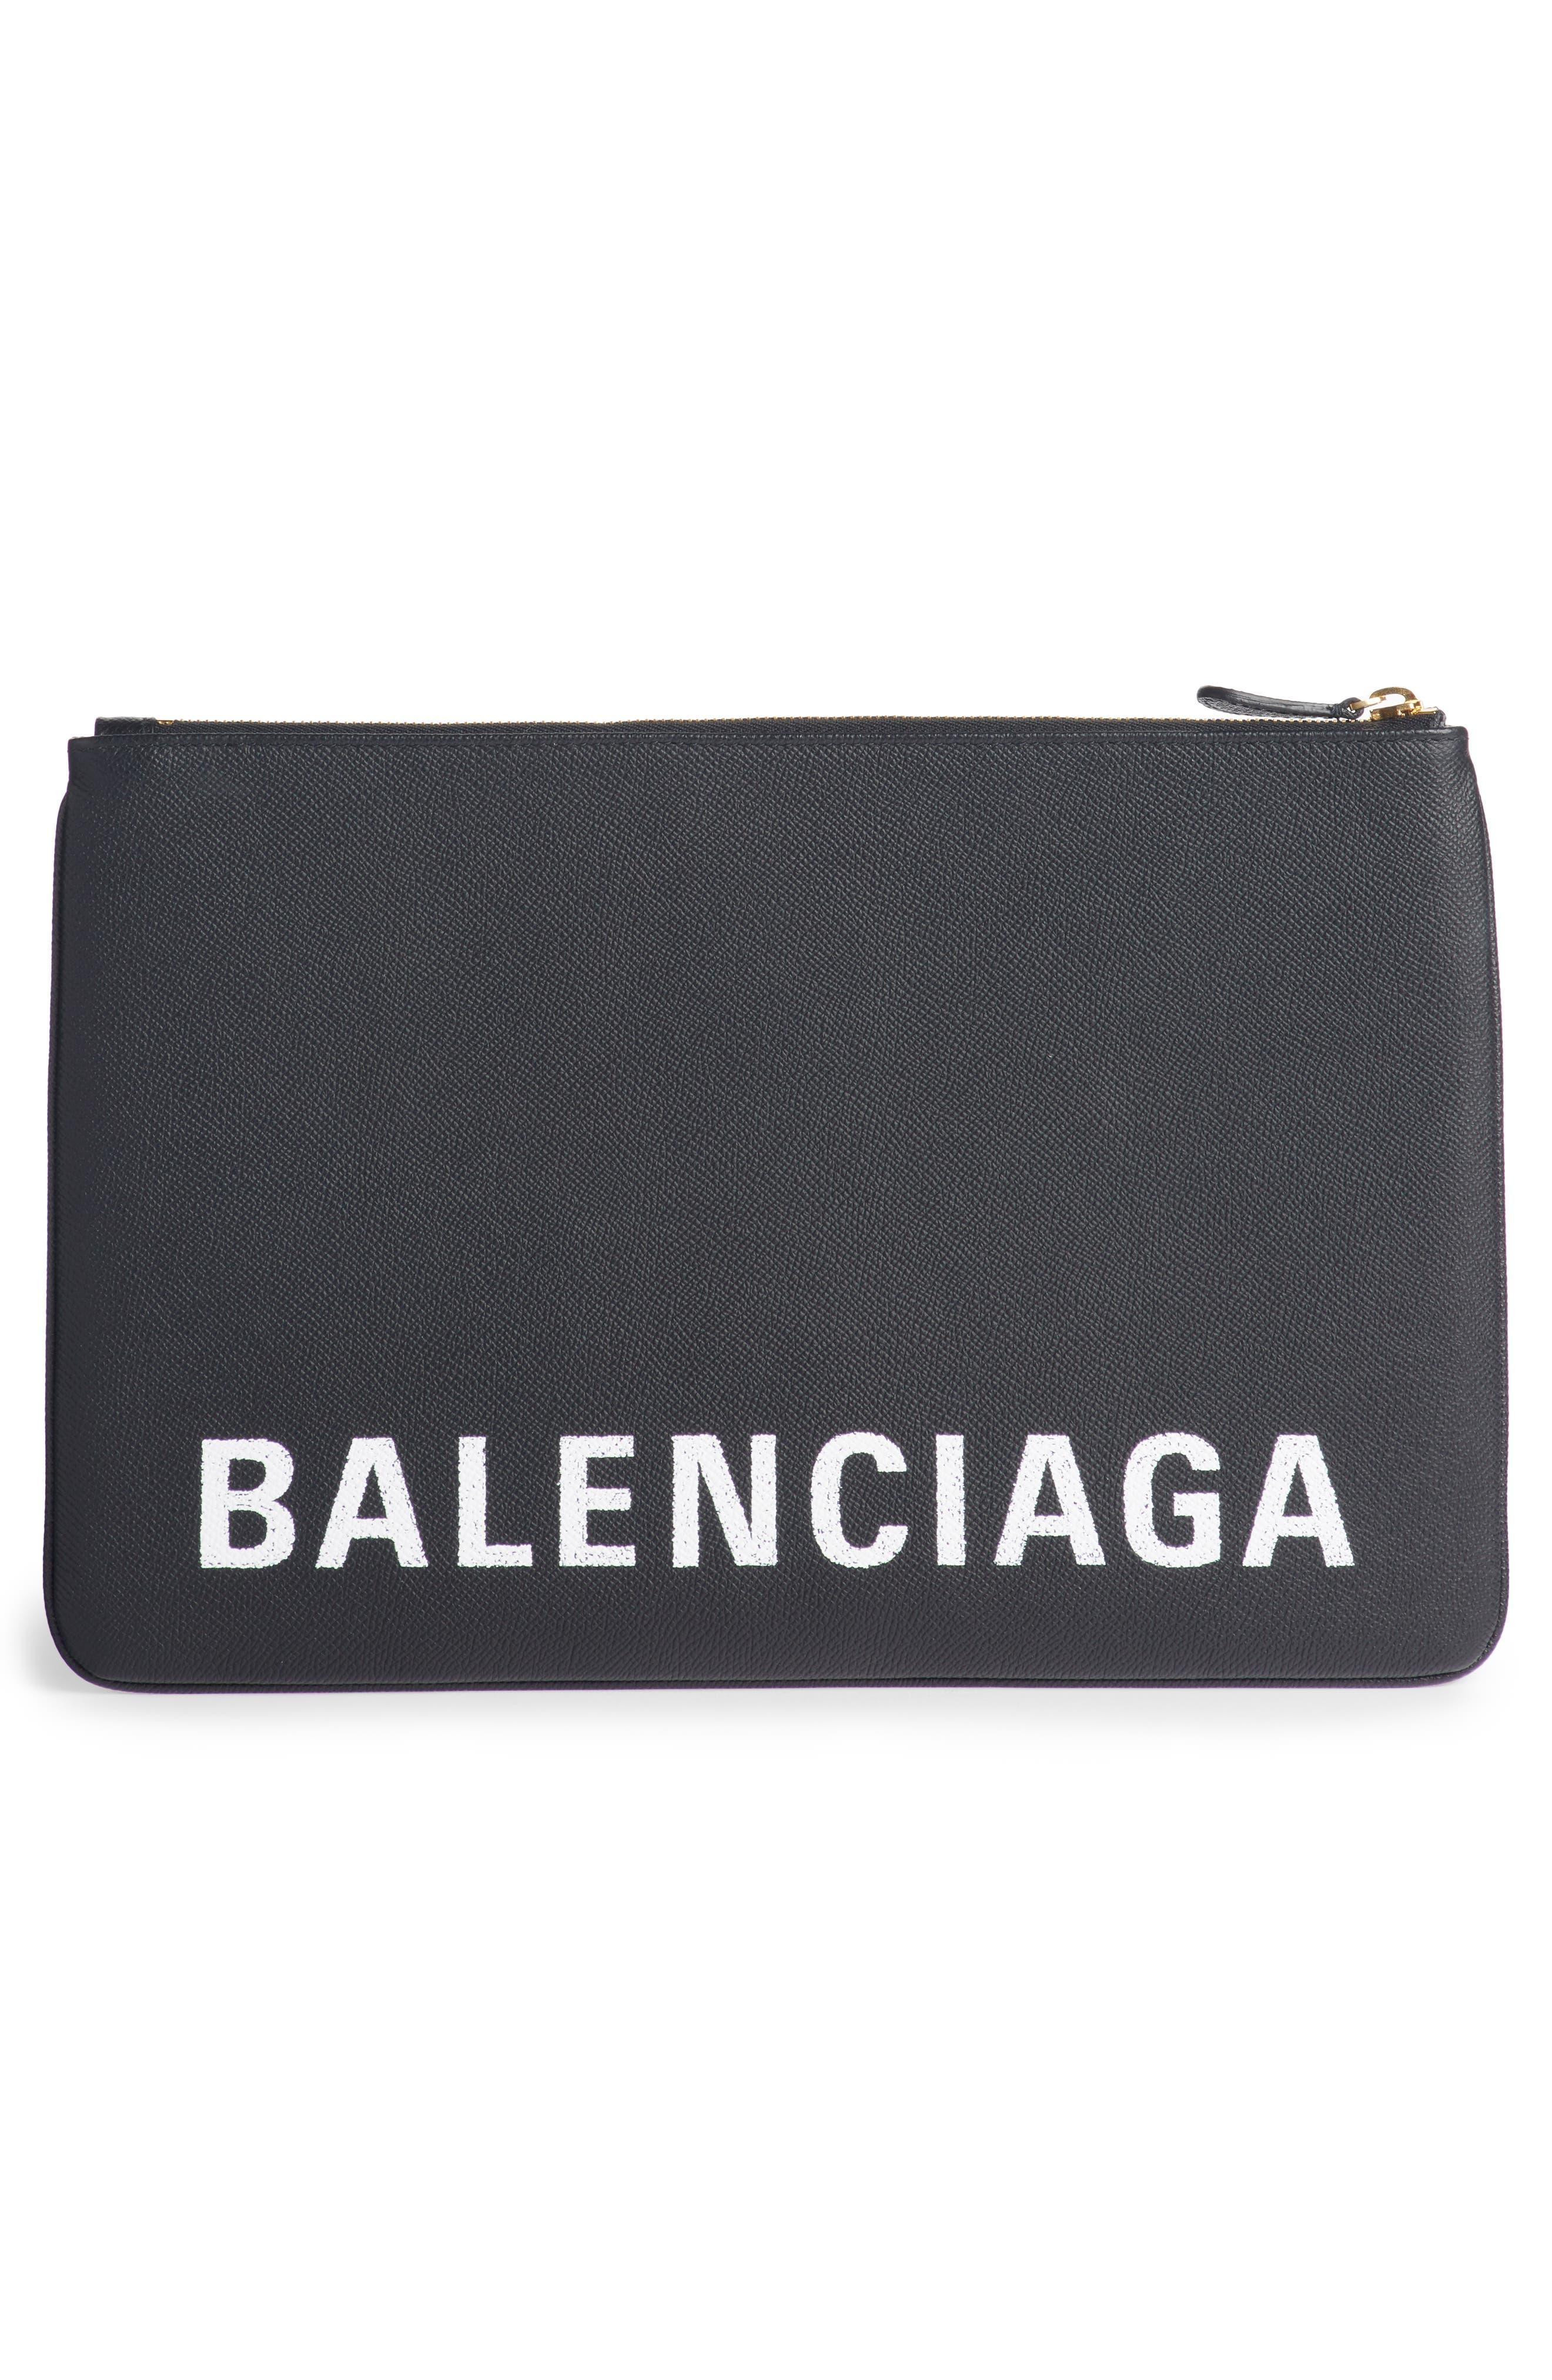 BALENCIAGA,                             Ville Logo Calfskin Leather Pouch,                             Alternate thumbnail 3, color,                             NOIR/ BLANC